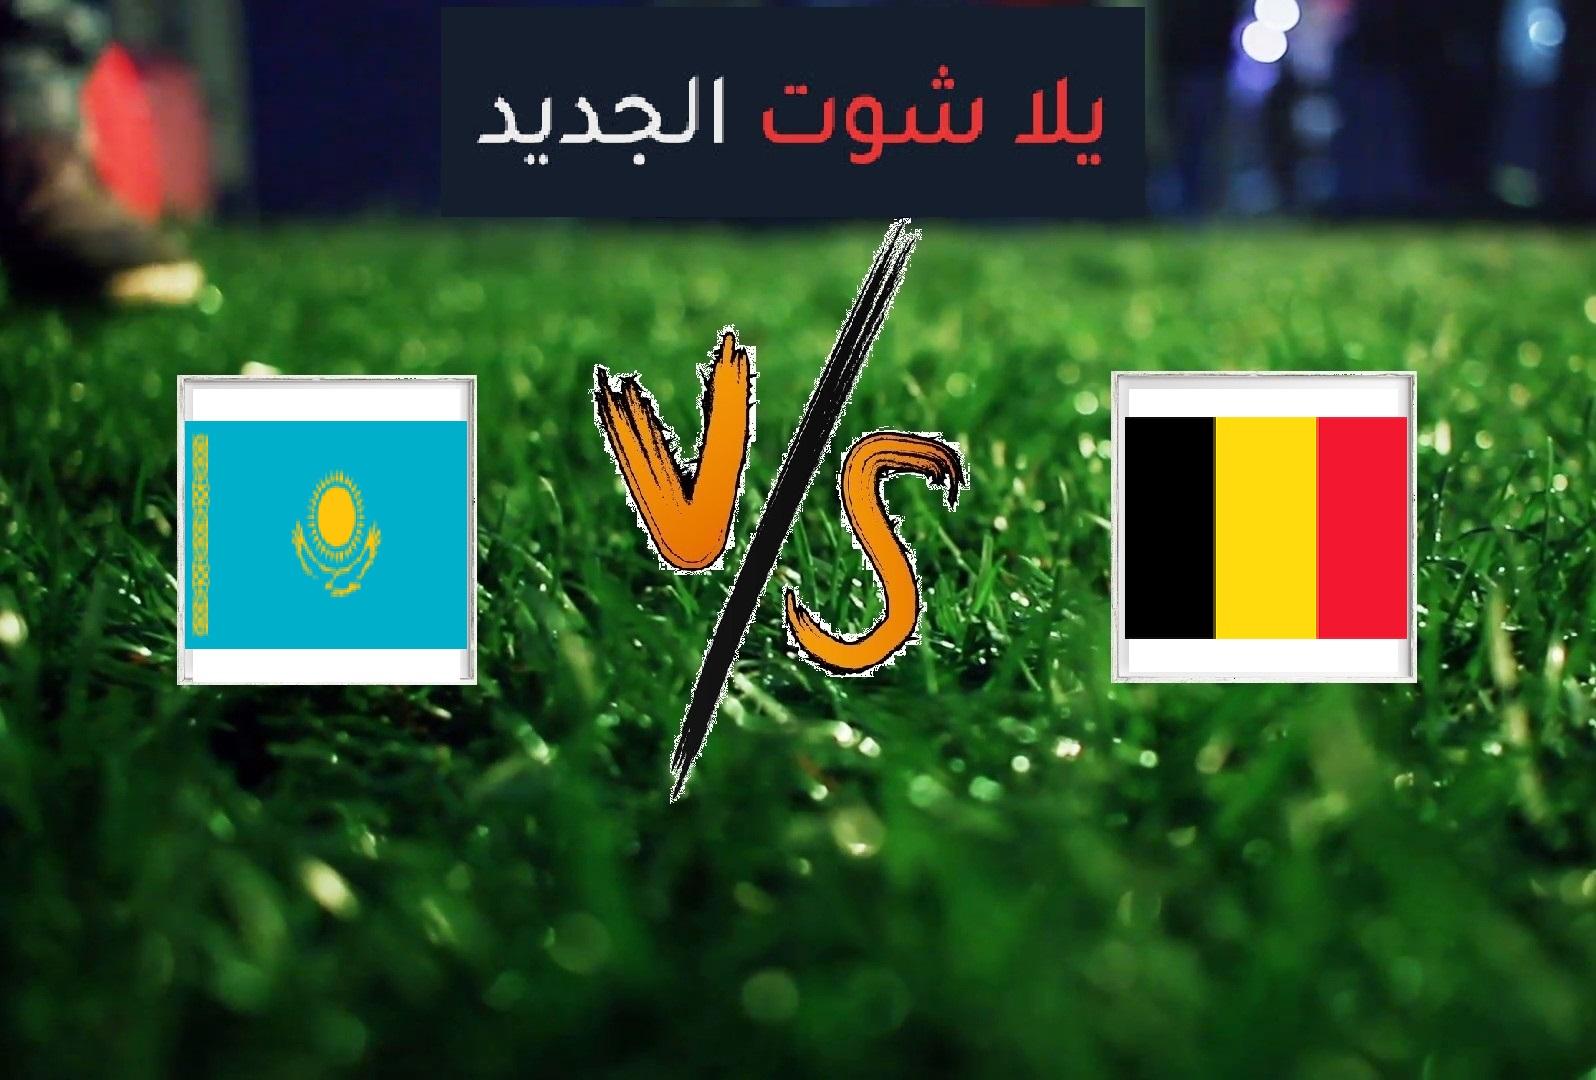 بلجيكا تفوز على كازاخستان بثلاثية نظيفة في التصفيات المؤهلة ليورو 2020